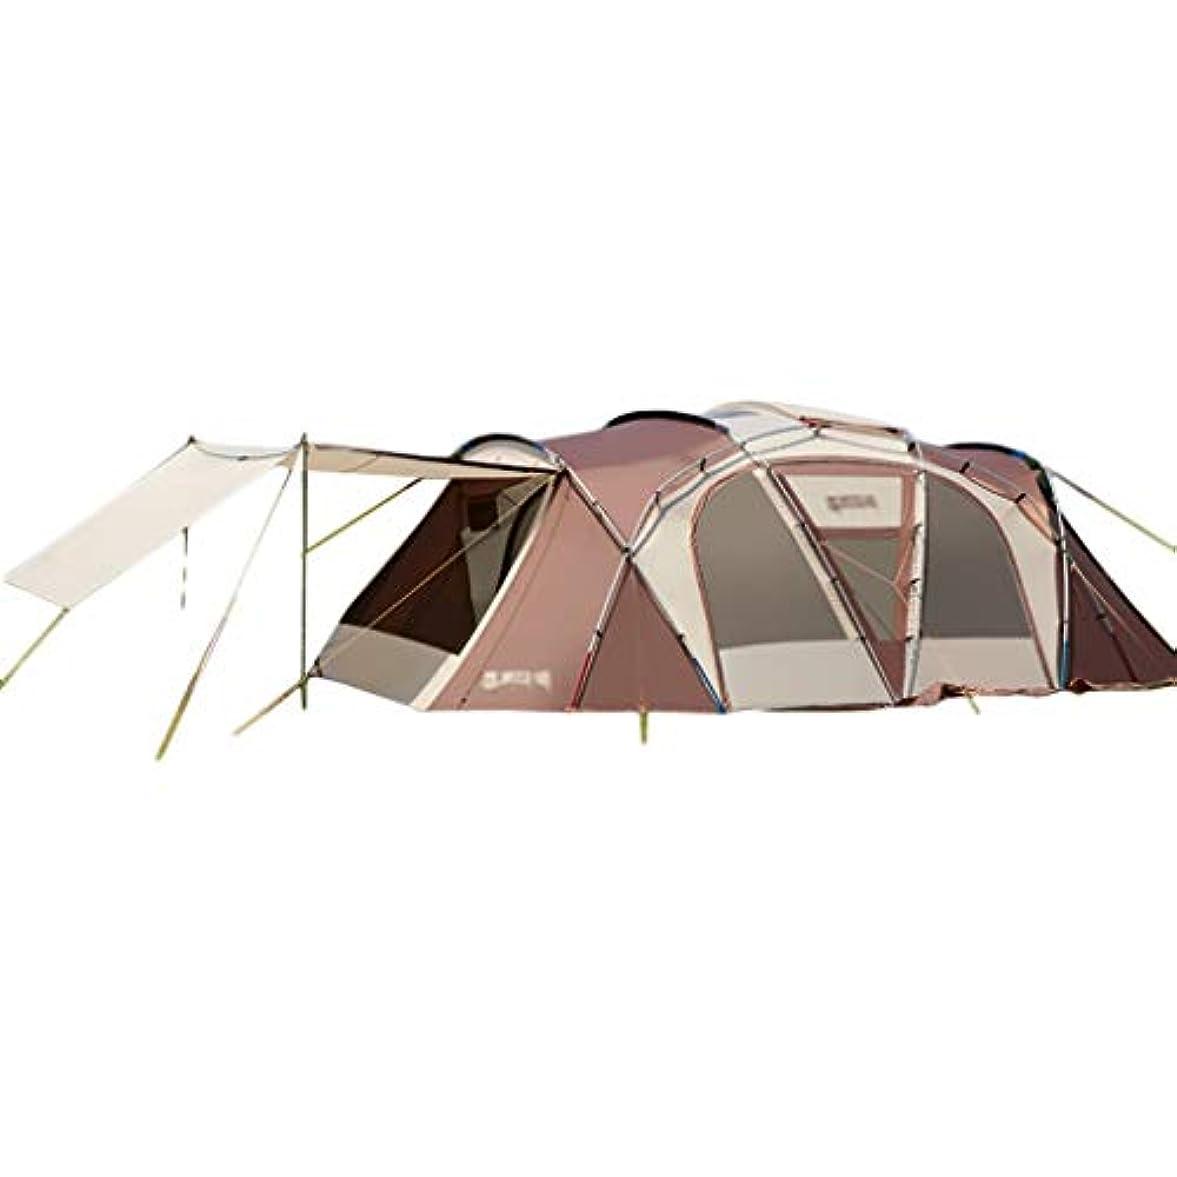 抑止する彼ら請うテント?タープ/テント テントキャンプキャンプビッグテント肥厚トンネルテント屋外防水防雨テント4-6-8-10人家族テントジャイアントテント (Color : Brown, Size : 650*400/345*220cm)